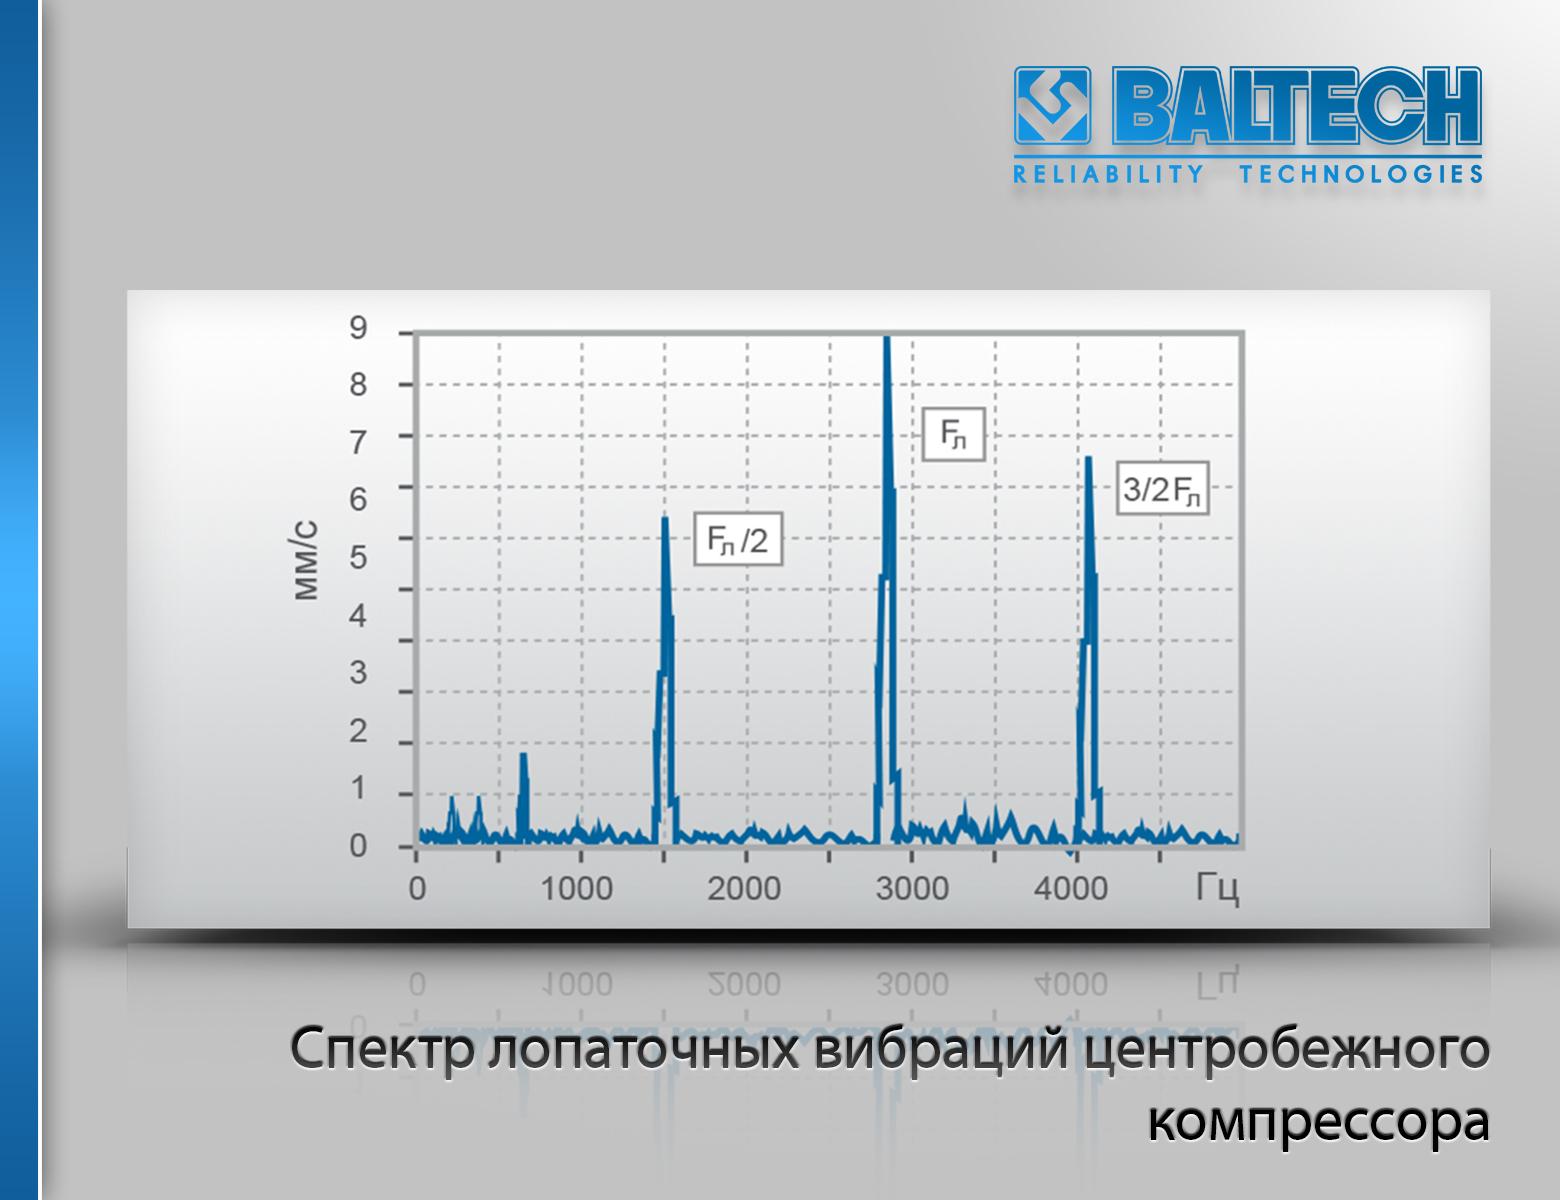 Спектр лопаточных вибраций центробежного компрессора, диагностика компрессоров